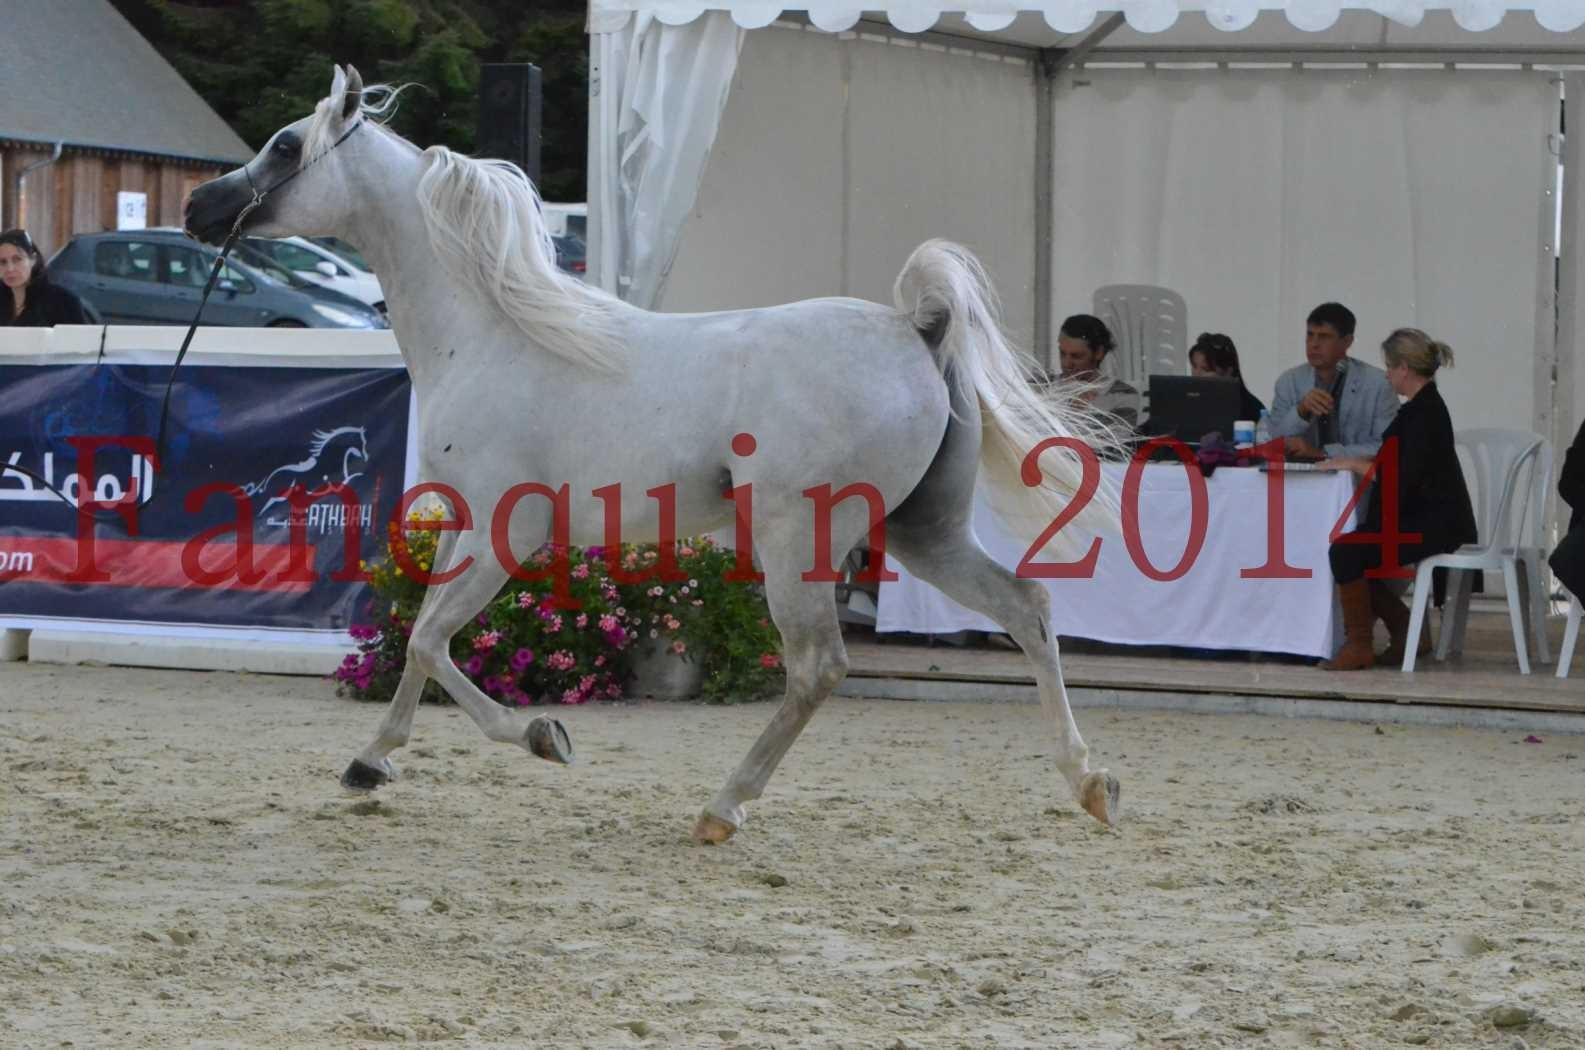 CHAMPIONNAT DE FRANCE 2014 A POMPADOUR - Sélection - FA STARLIGHT - 10